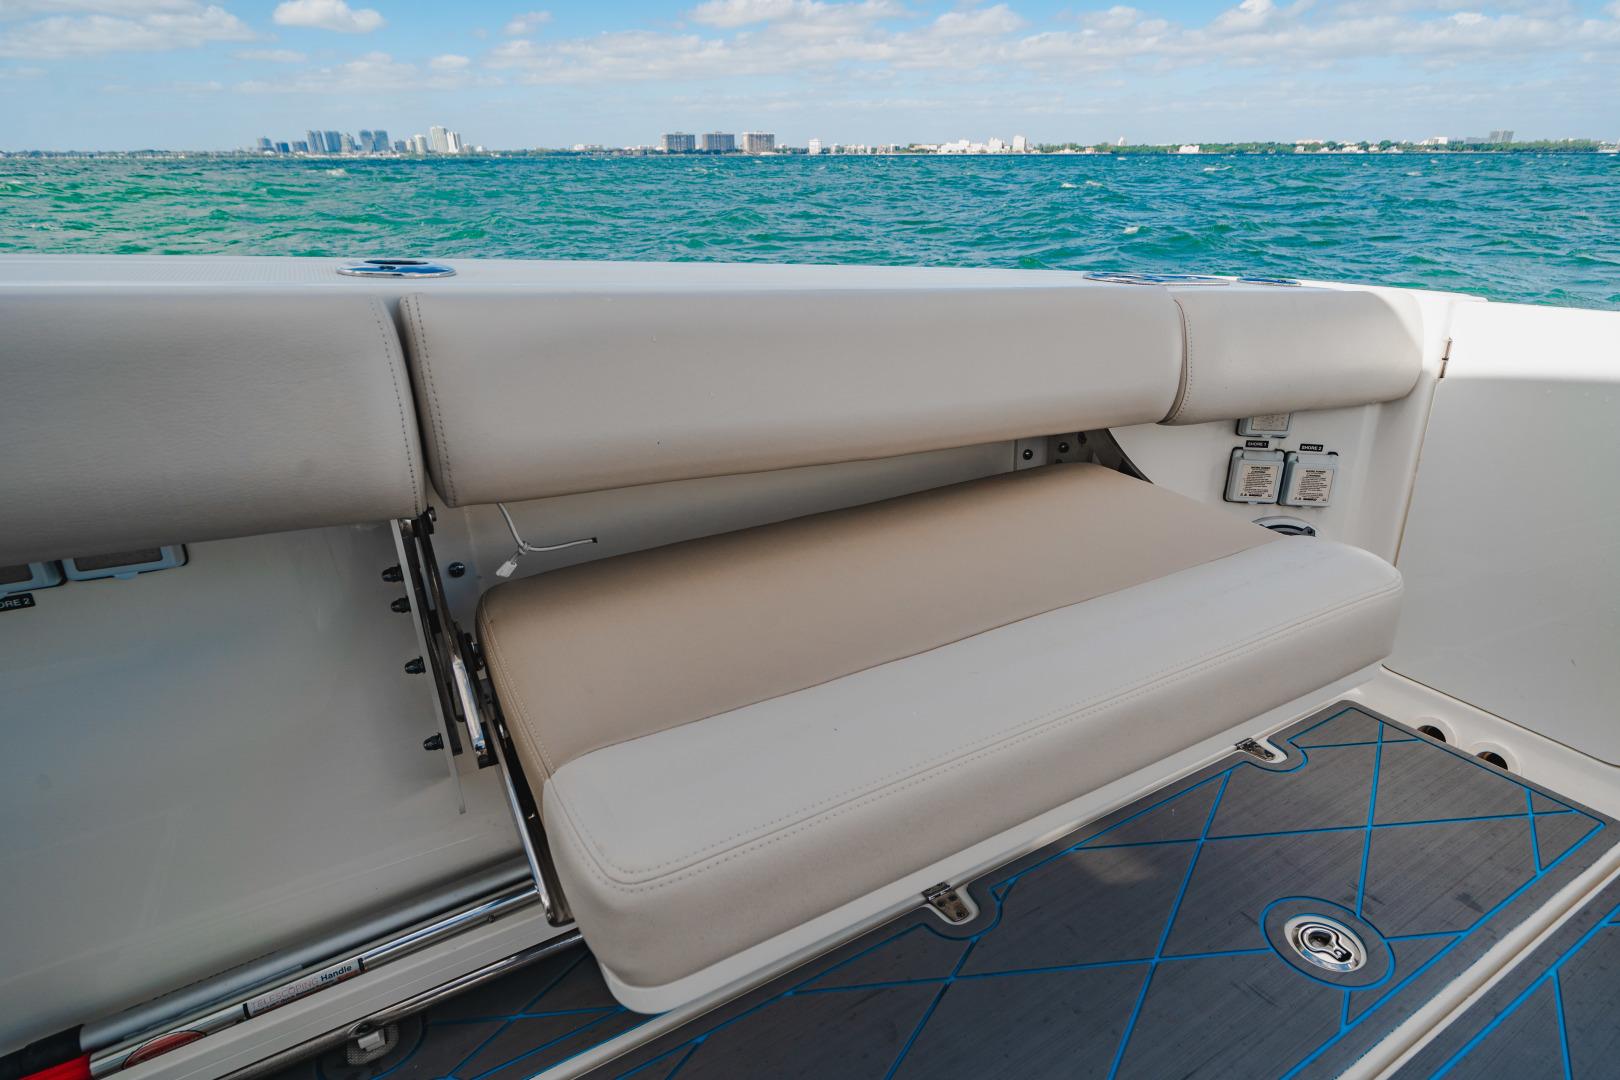 Boston Whaler-Outrage 2016-Sea Duction Miami Beach -Florida-United States-1557423 | Thumbnail